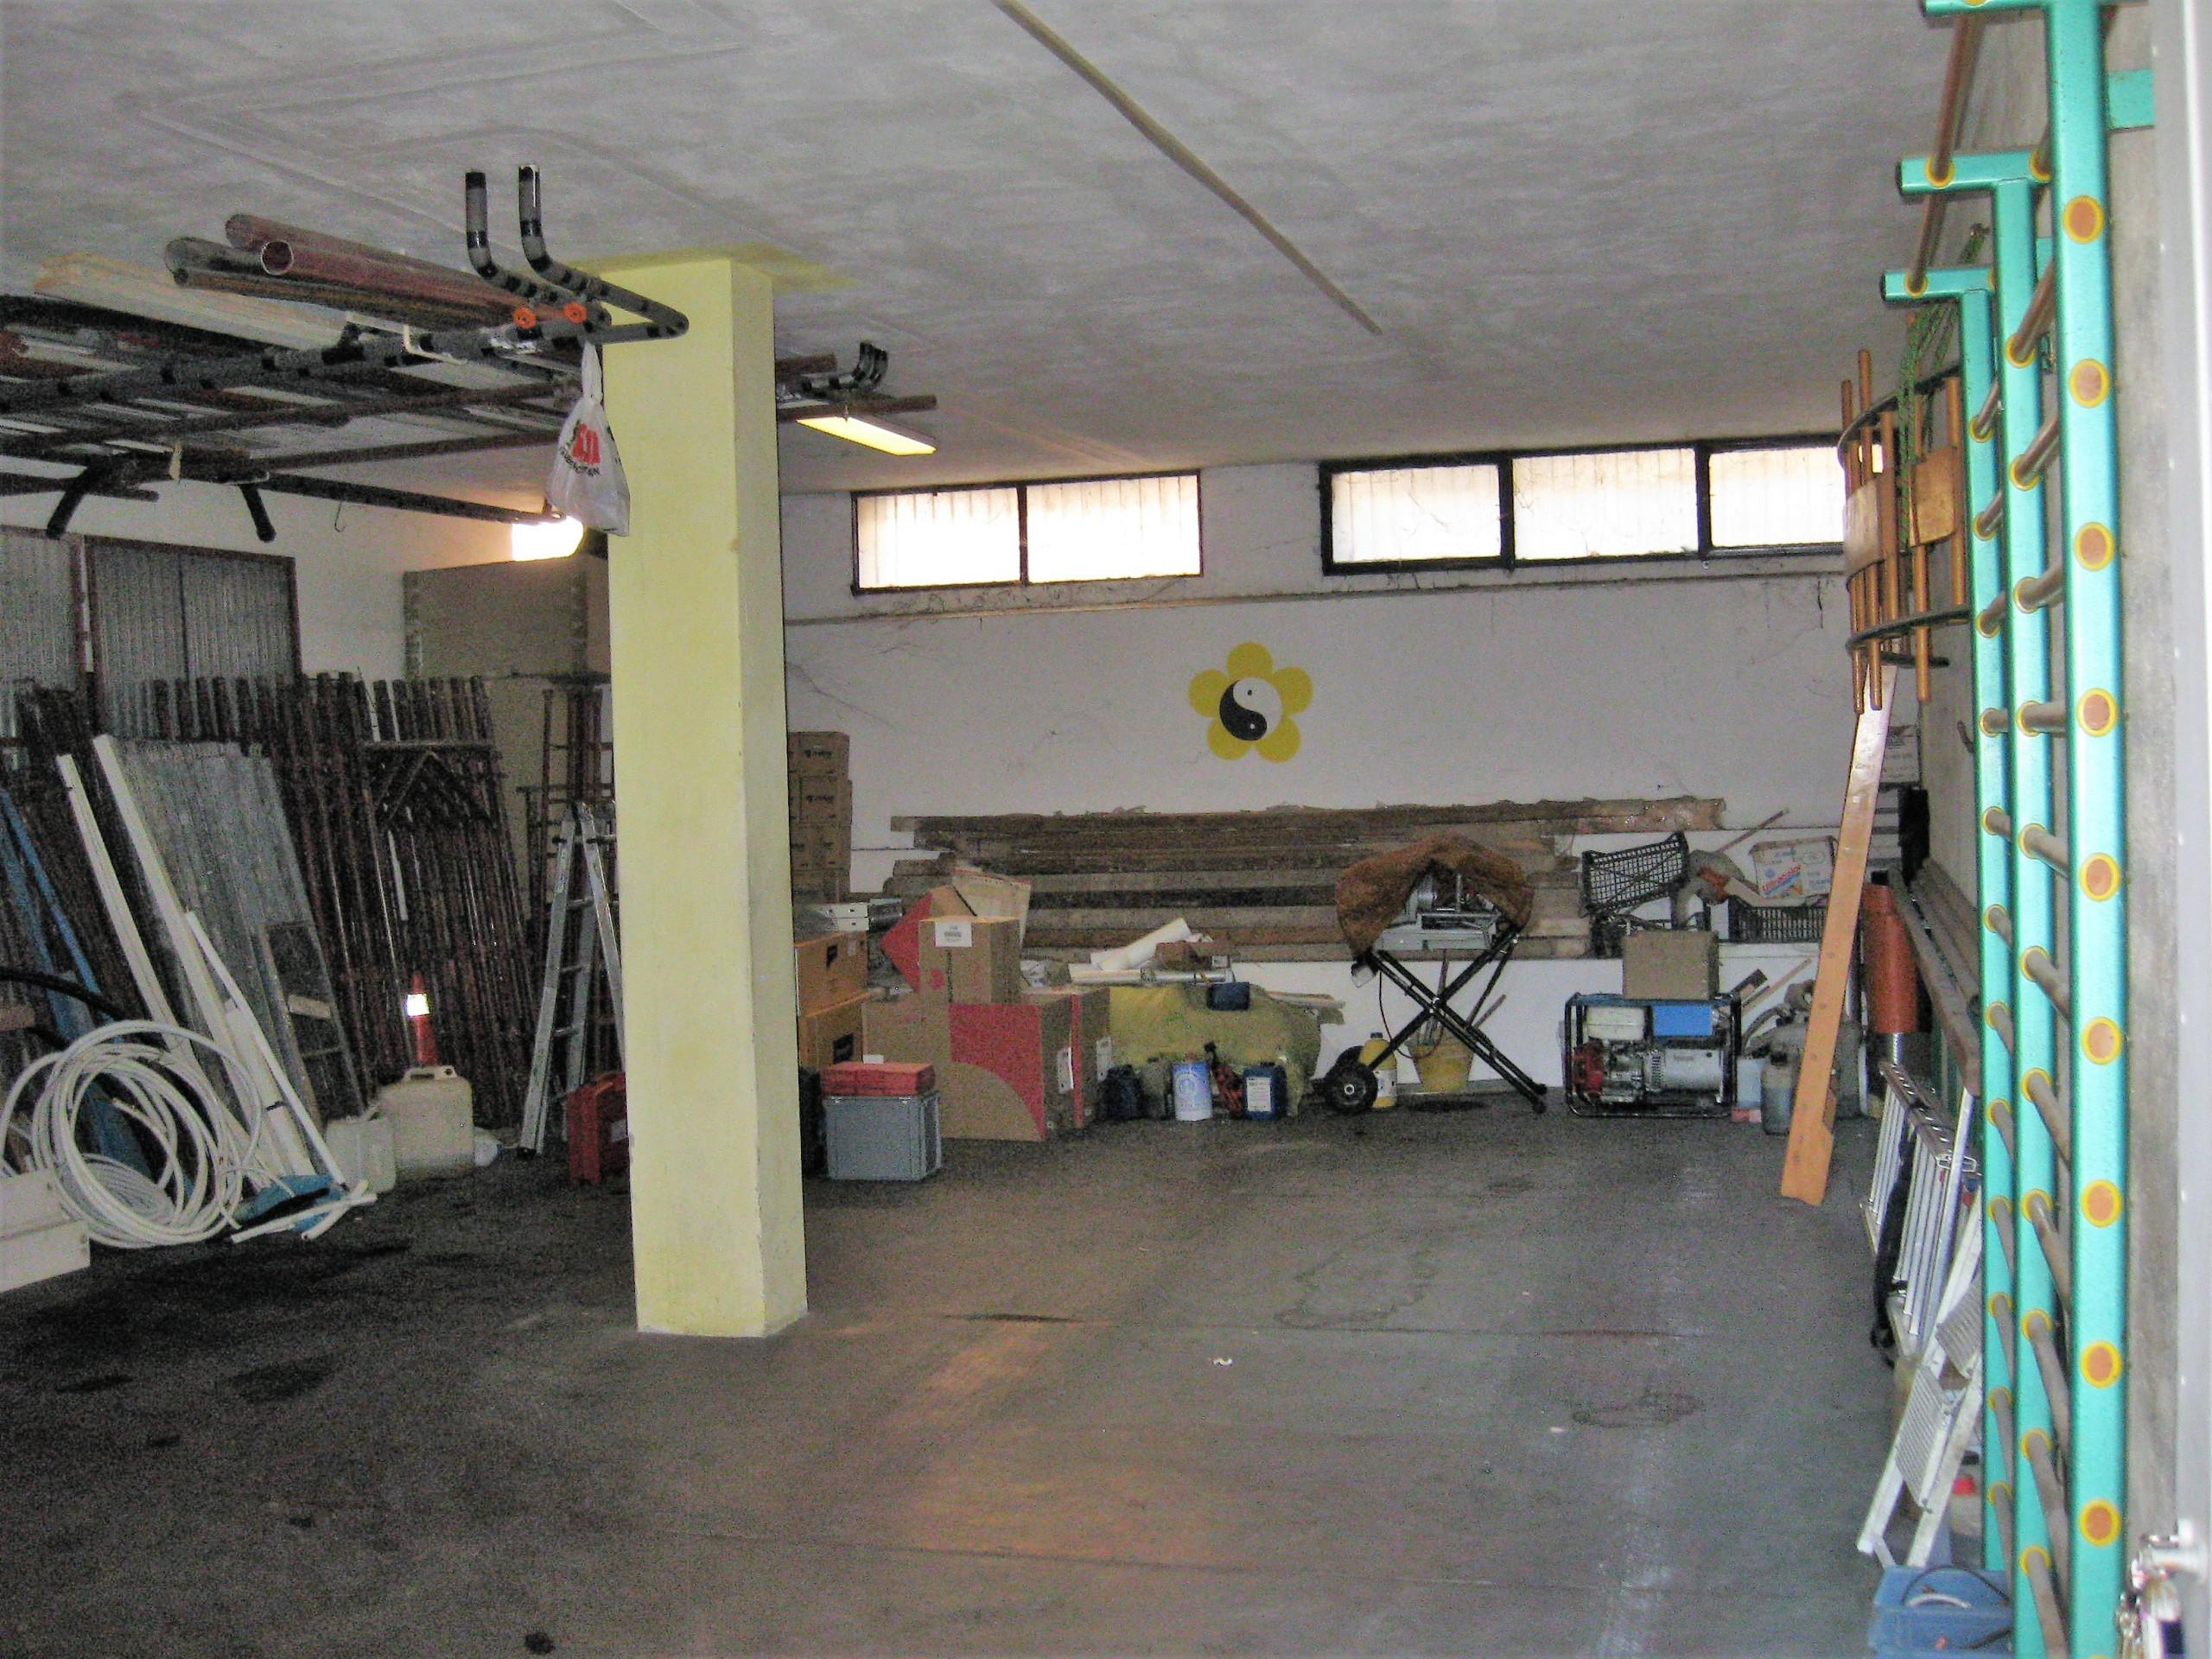 Ufficio Open Space Quartucciu : Codice 946 deposito con ufficio in vendita a quartucciu welchome